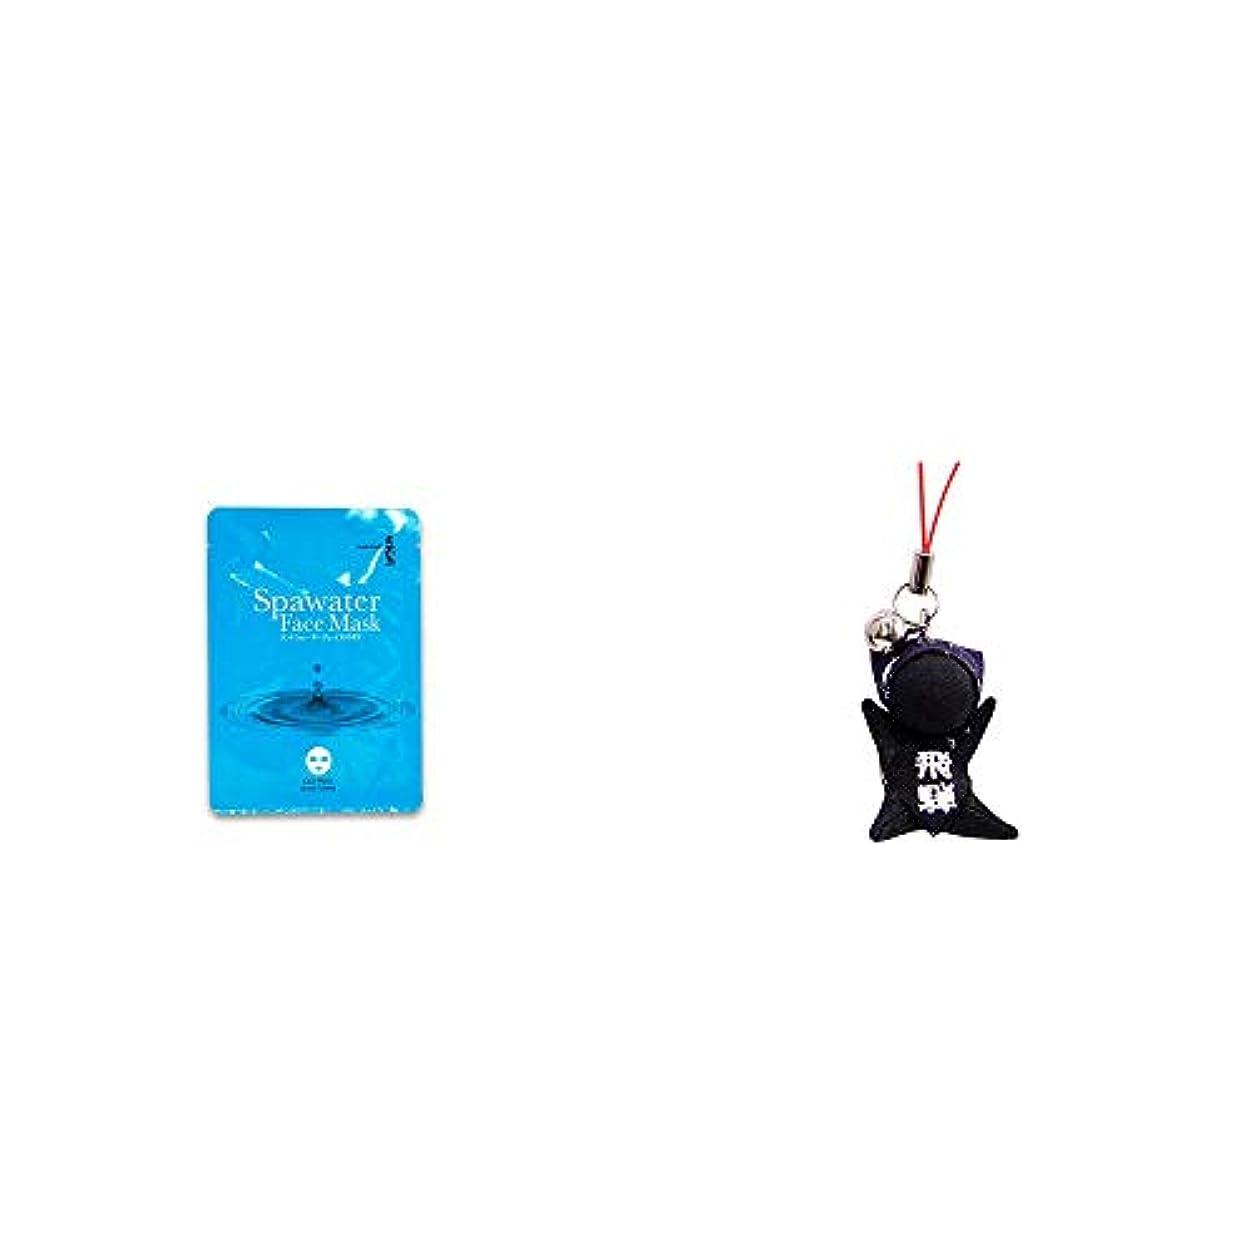 師匠プライバシーびっくり[2点セット] ひのき炭黒泉 スパウォーターフェイスマスク(18ml×3枚入)・さるぼぼ幸福ストラップ 【黒】 / 風水カラー全9種類 厄除け・魔除け・身を守る・勝運 お守り//